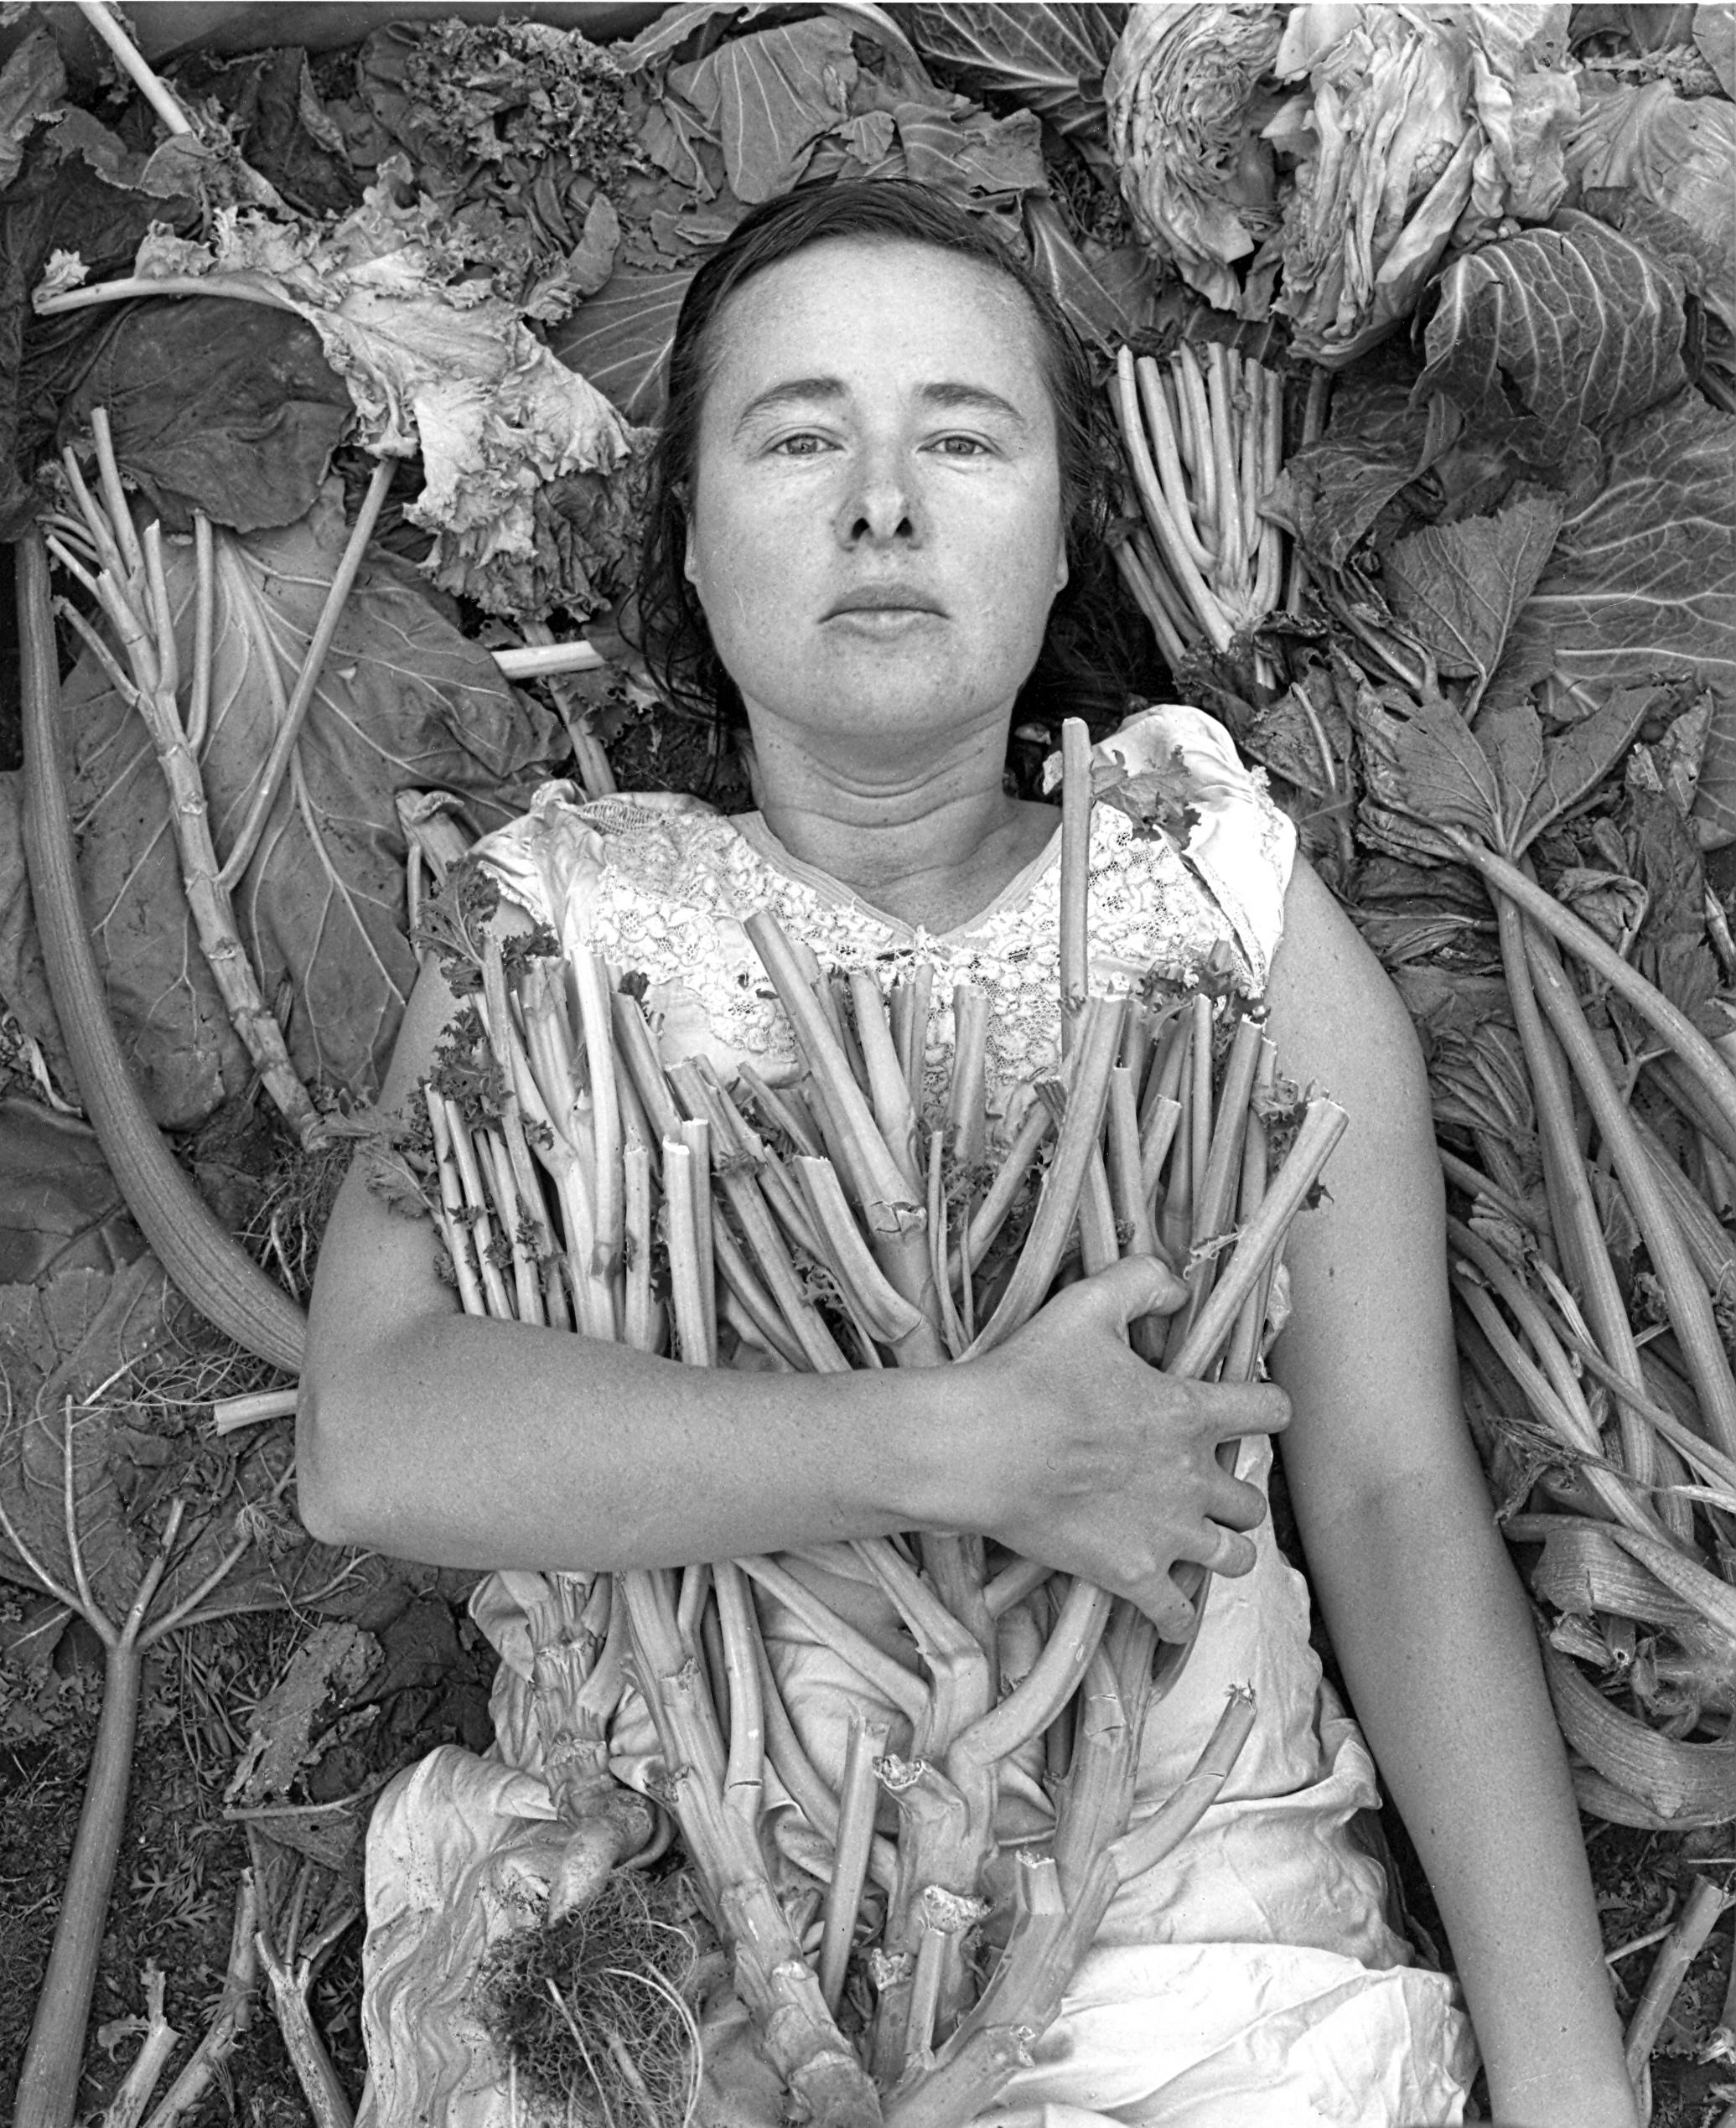 Self portrait Agnieszka Sosnowska